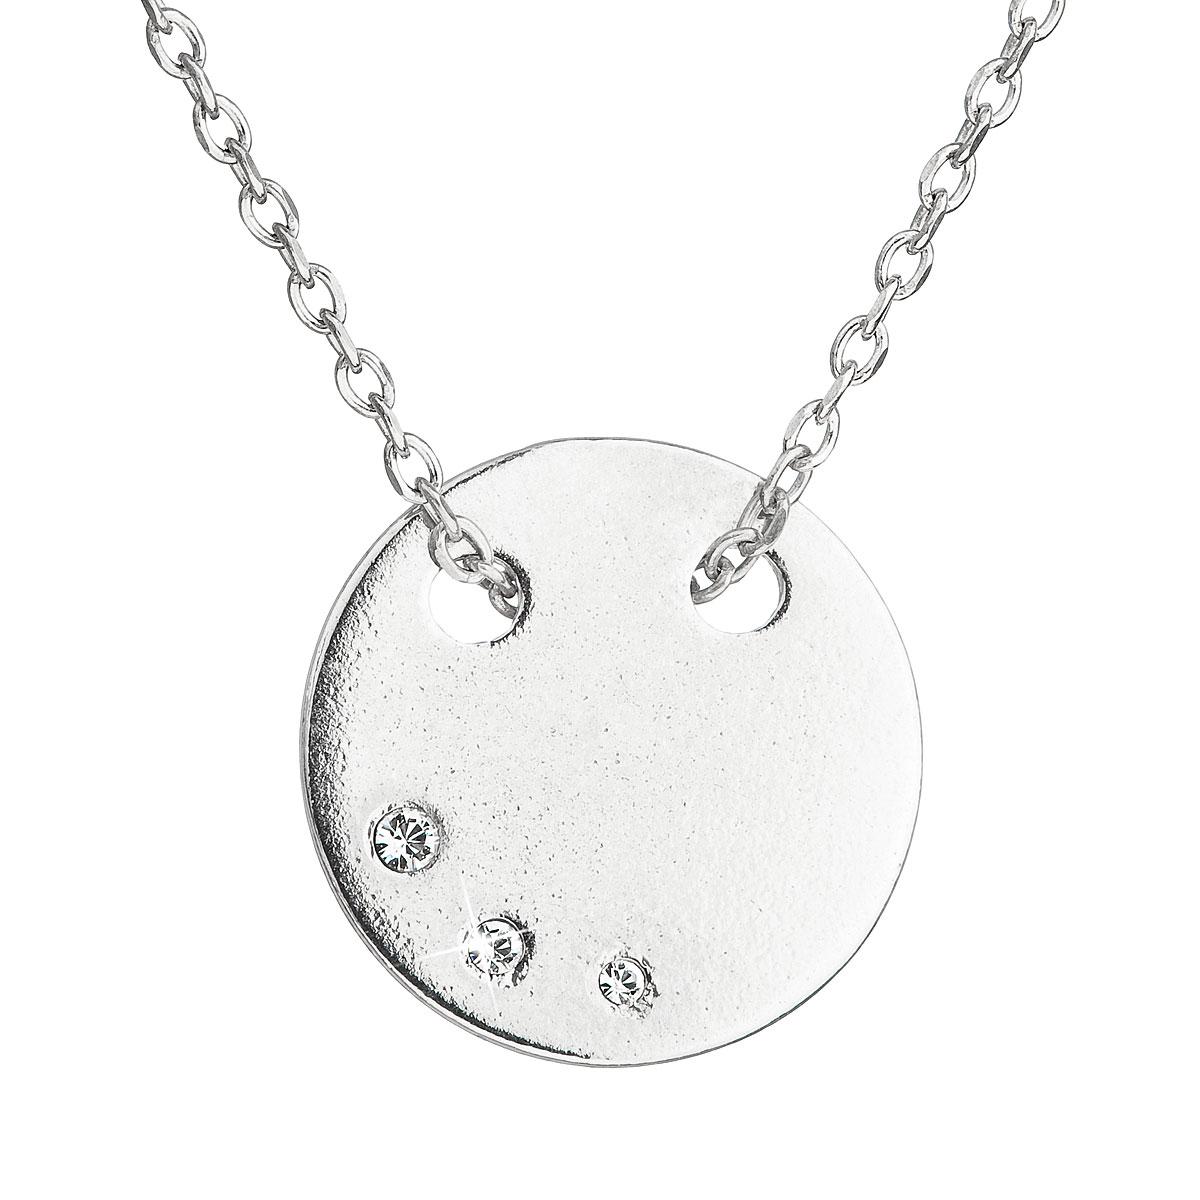 53d822837 Evolution Group Stříbrný náhrdelník s krystaly Swarovski bílý kulatý  32050.1, dárkové balení